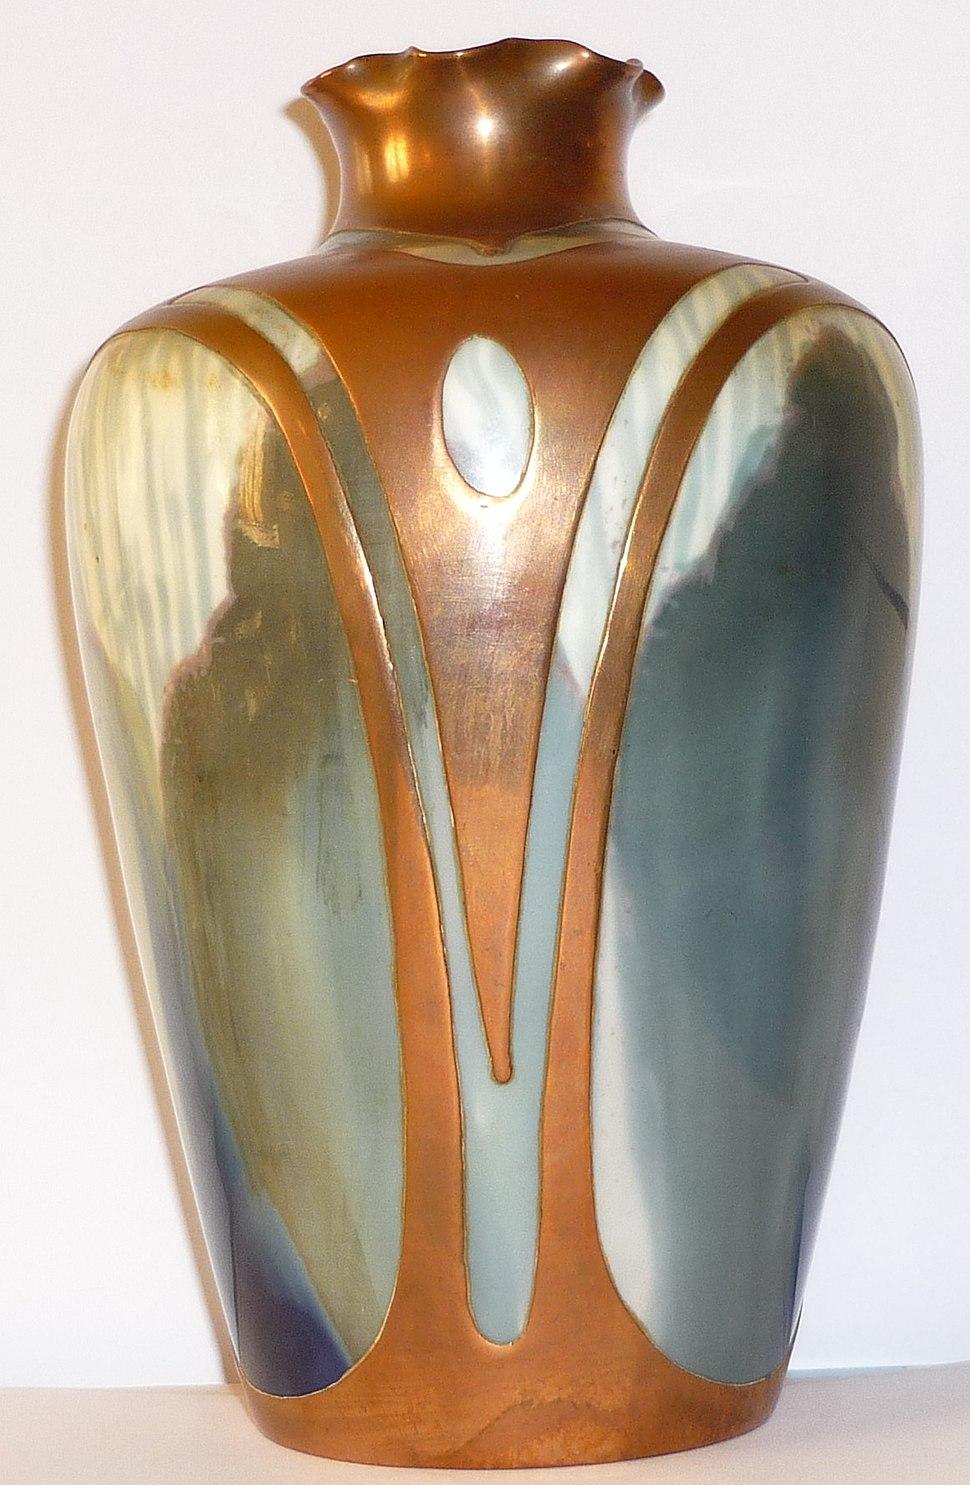 Vase Rosenthal, Art-nouveau, vers 1900, h. 18 cm.